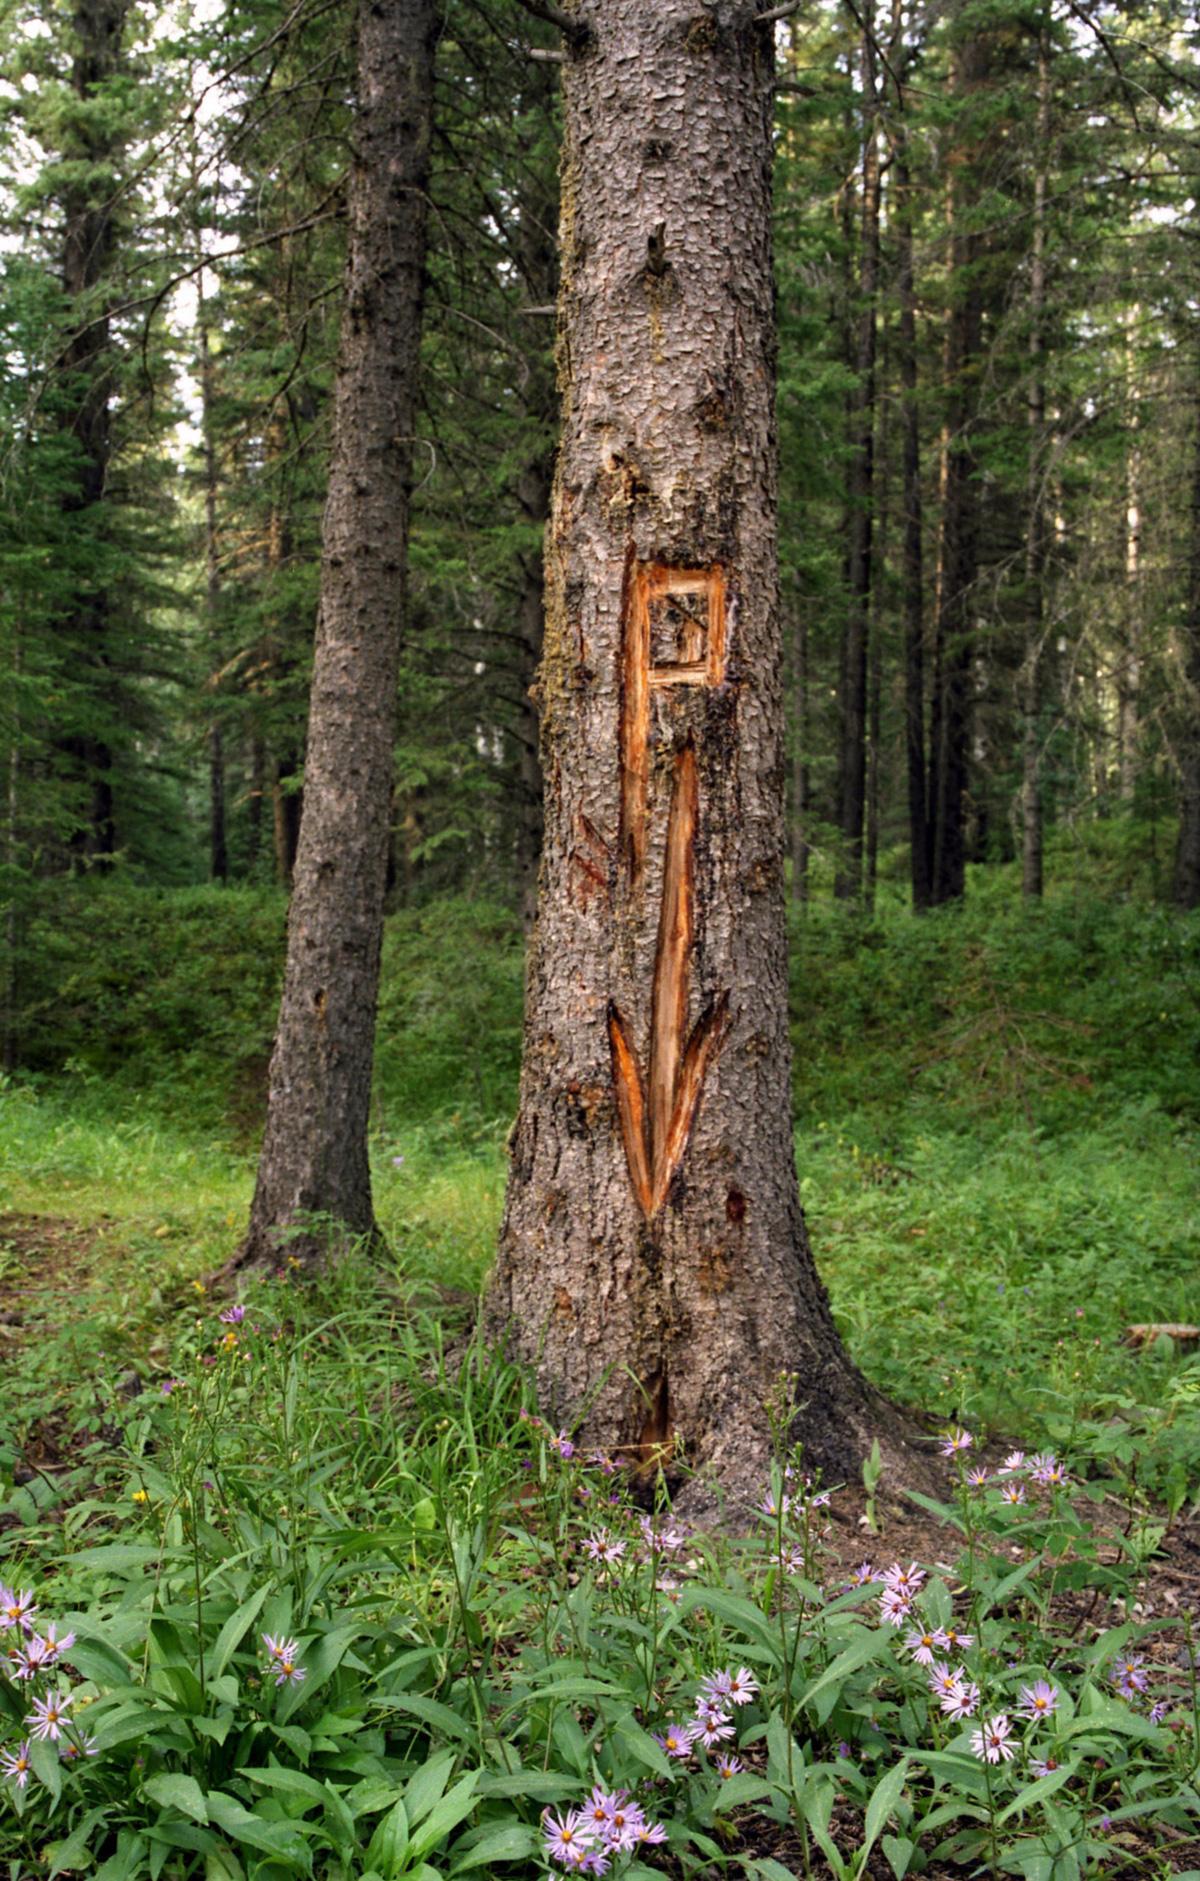 """Nenhuma área de acampamento canadense estaria completa sem a sua """"árvore para xixi"""", cujo nome é auto-explicativo. Seu uso está integrado ao pensamento e modos daqueles que acampam: aproximar a humanidade da natureza."""